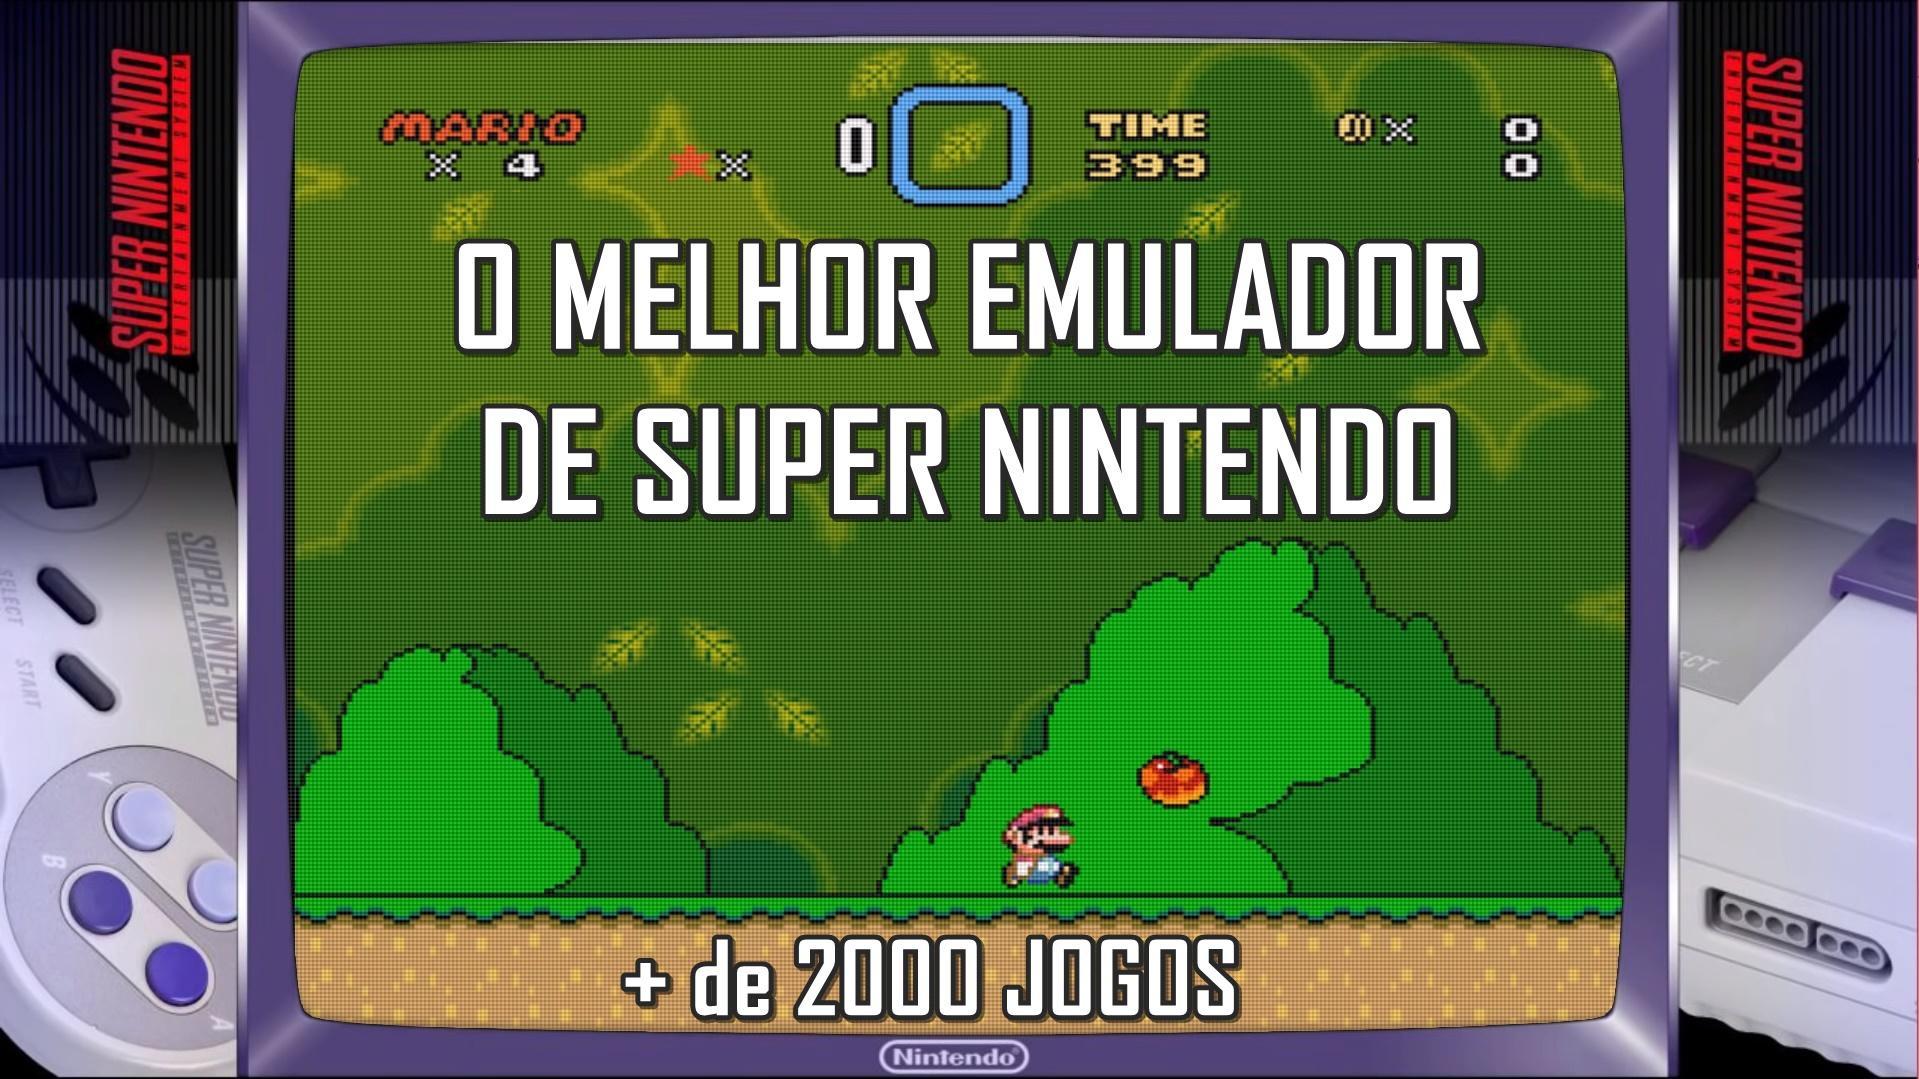 SNES9X - O melhor emulador de Super Nintendo